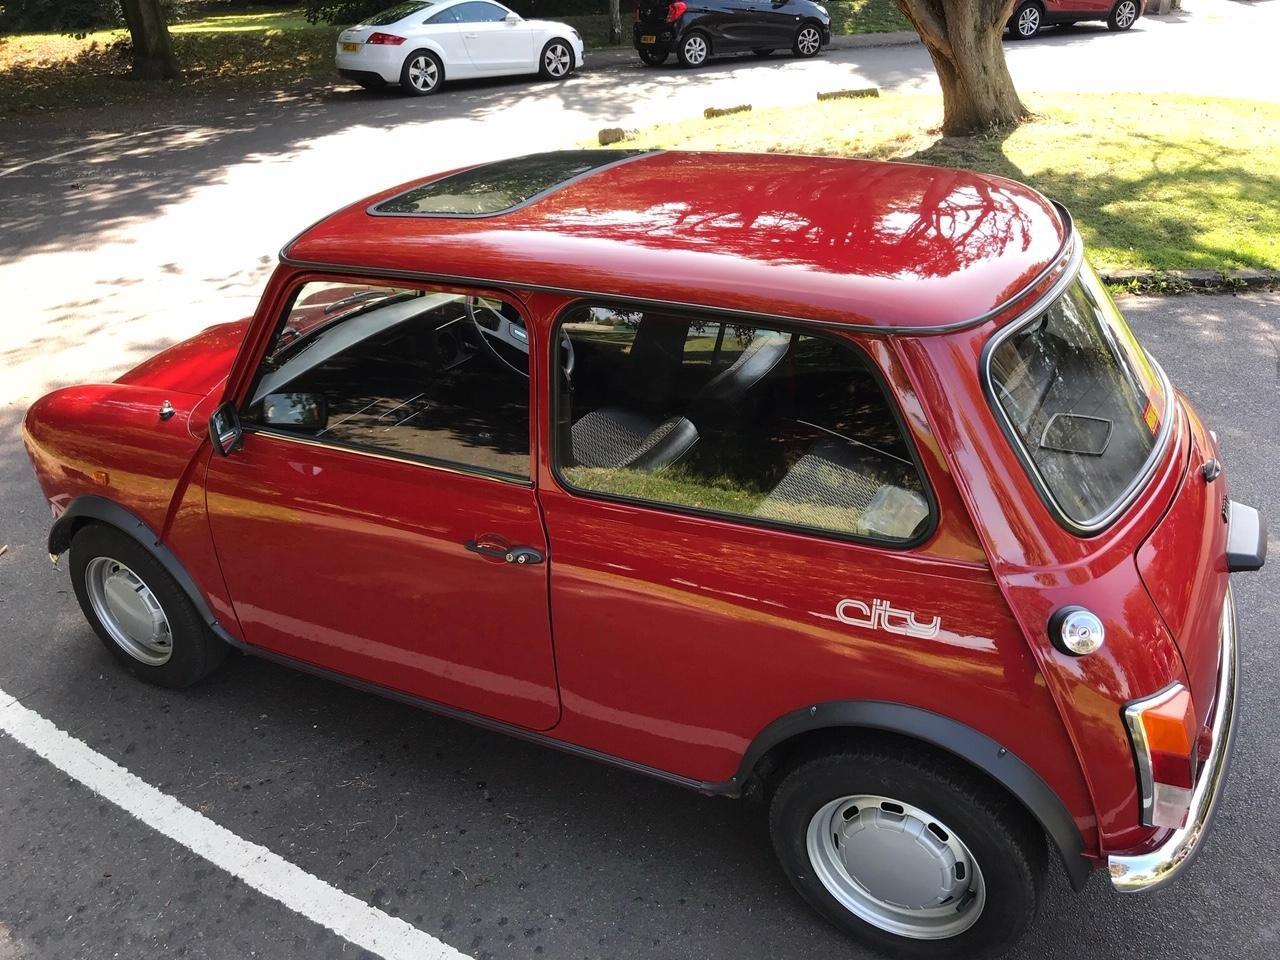 1986 Austin Mini 1000 City E - Genuine 15,000 Mile SOLD (picture 3 of 6)